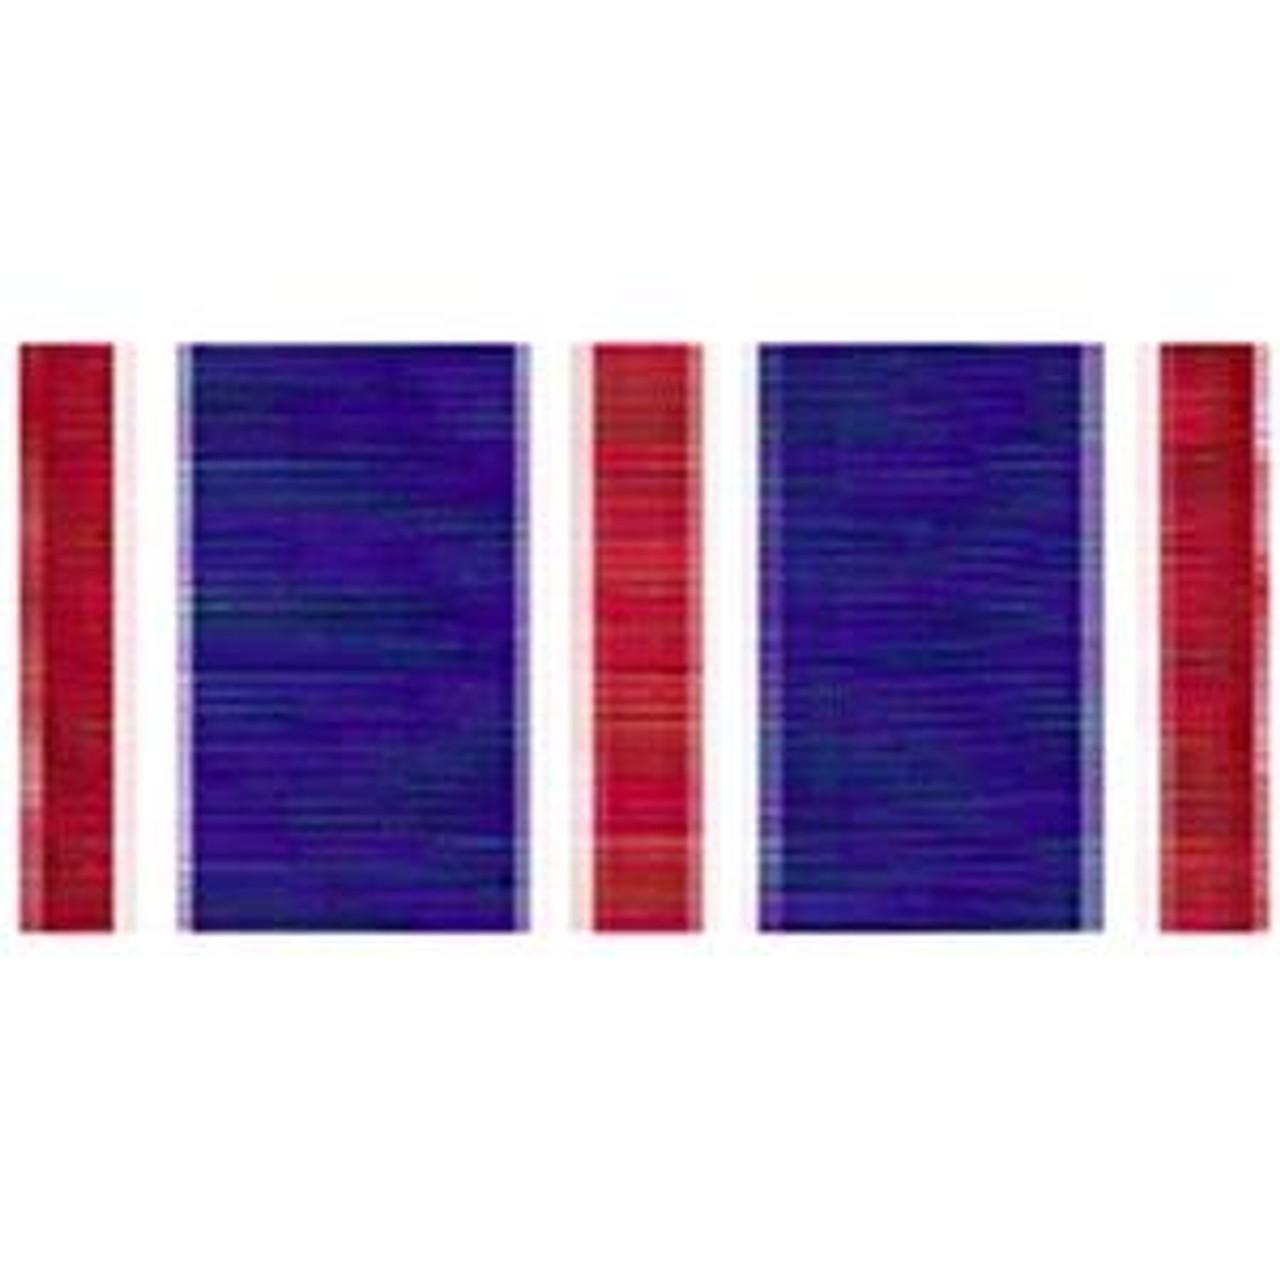 AF Outstanding Unit Award Streamer